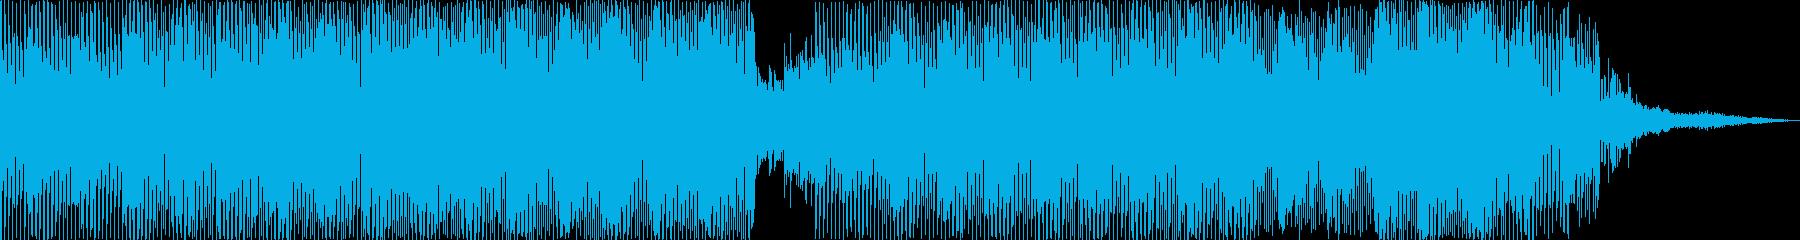 家。バトゥカダ。サンバ。の再生済みの波形